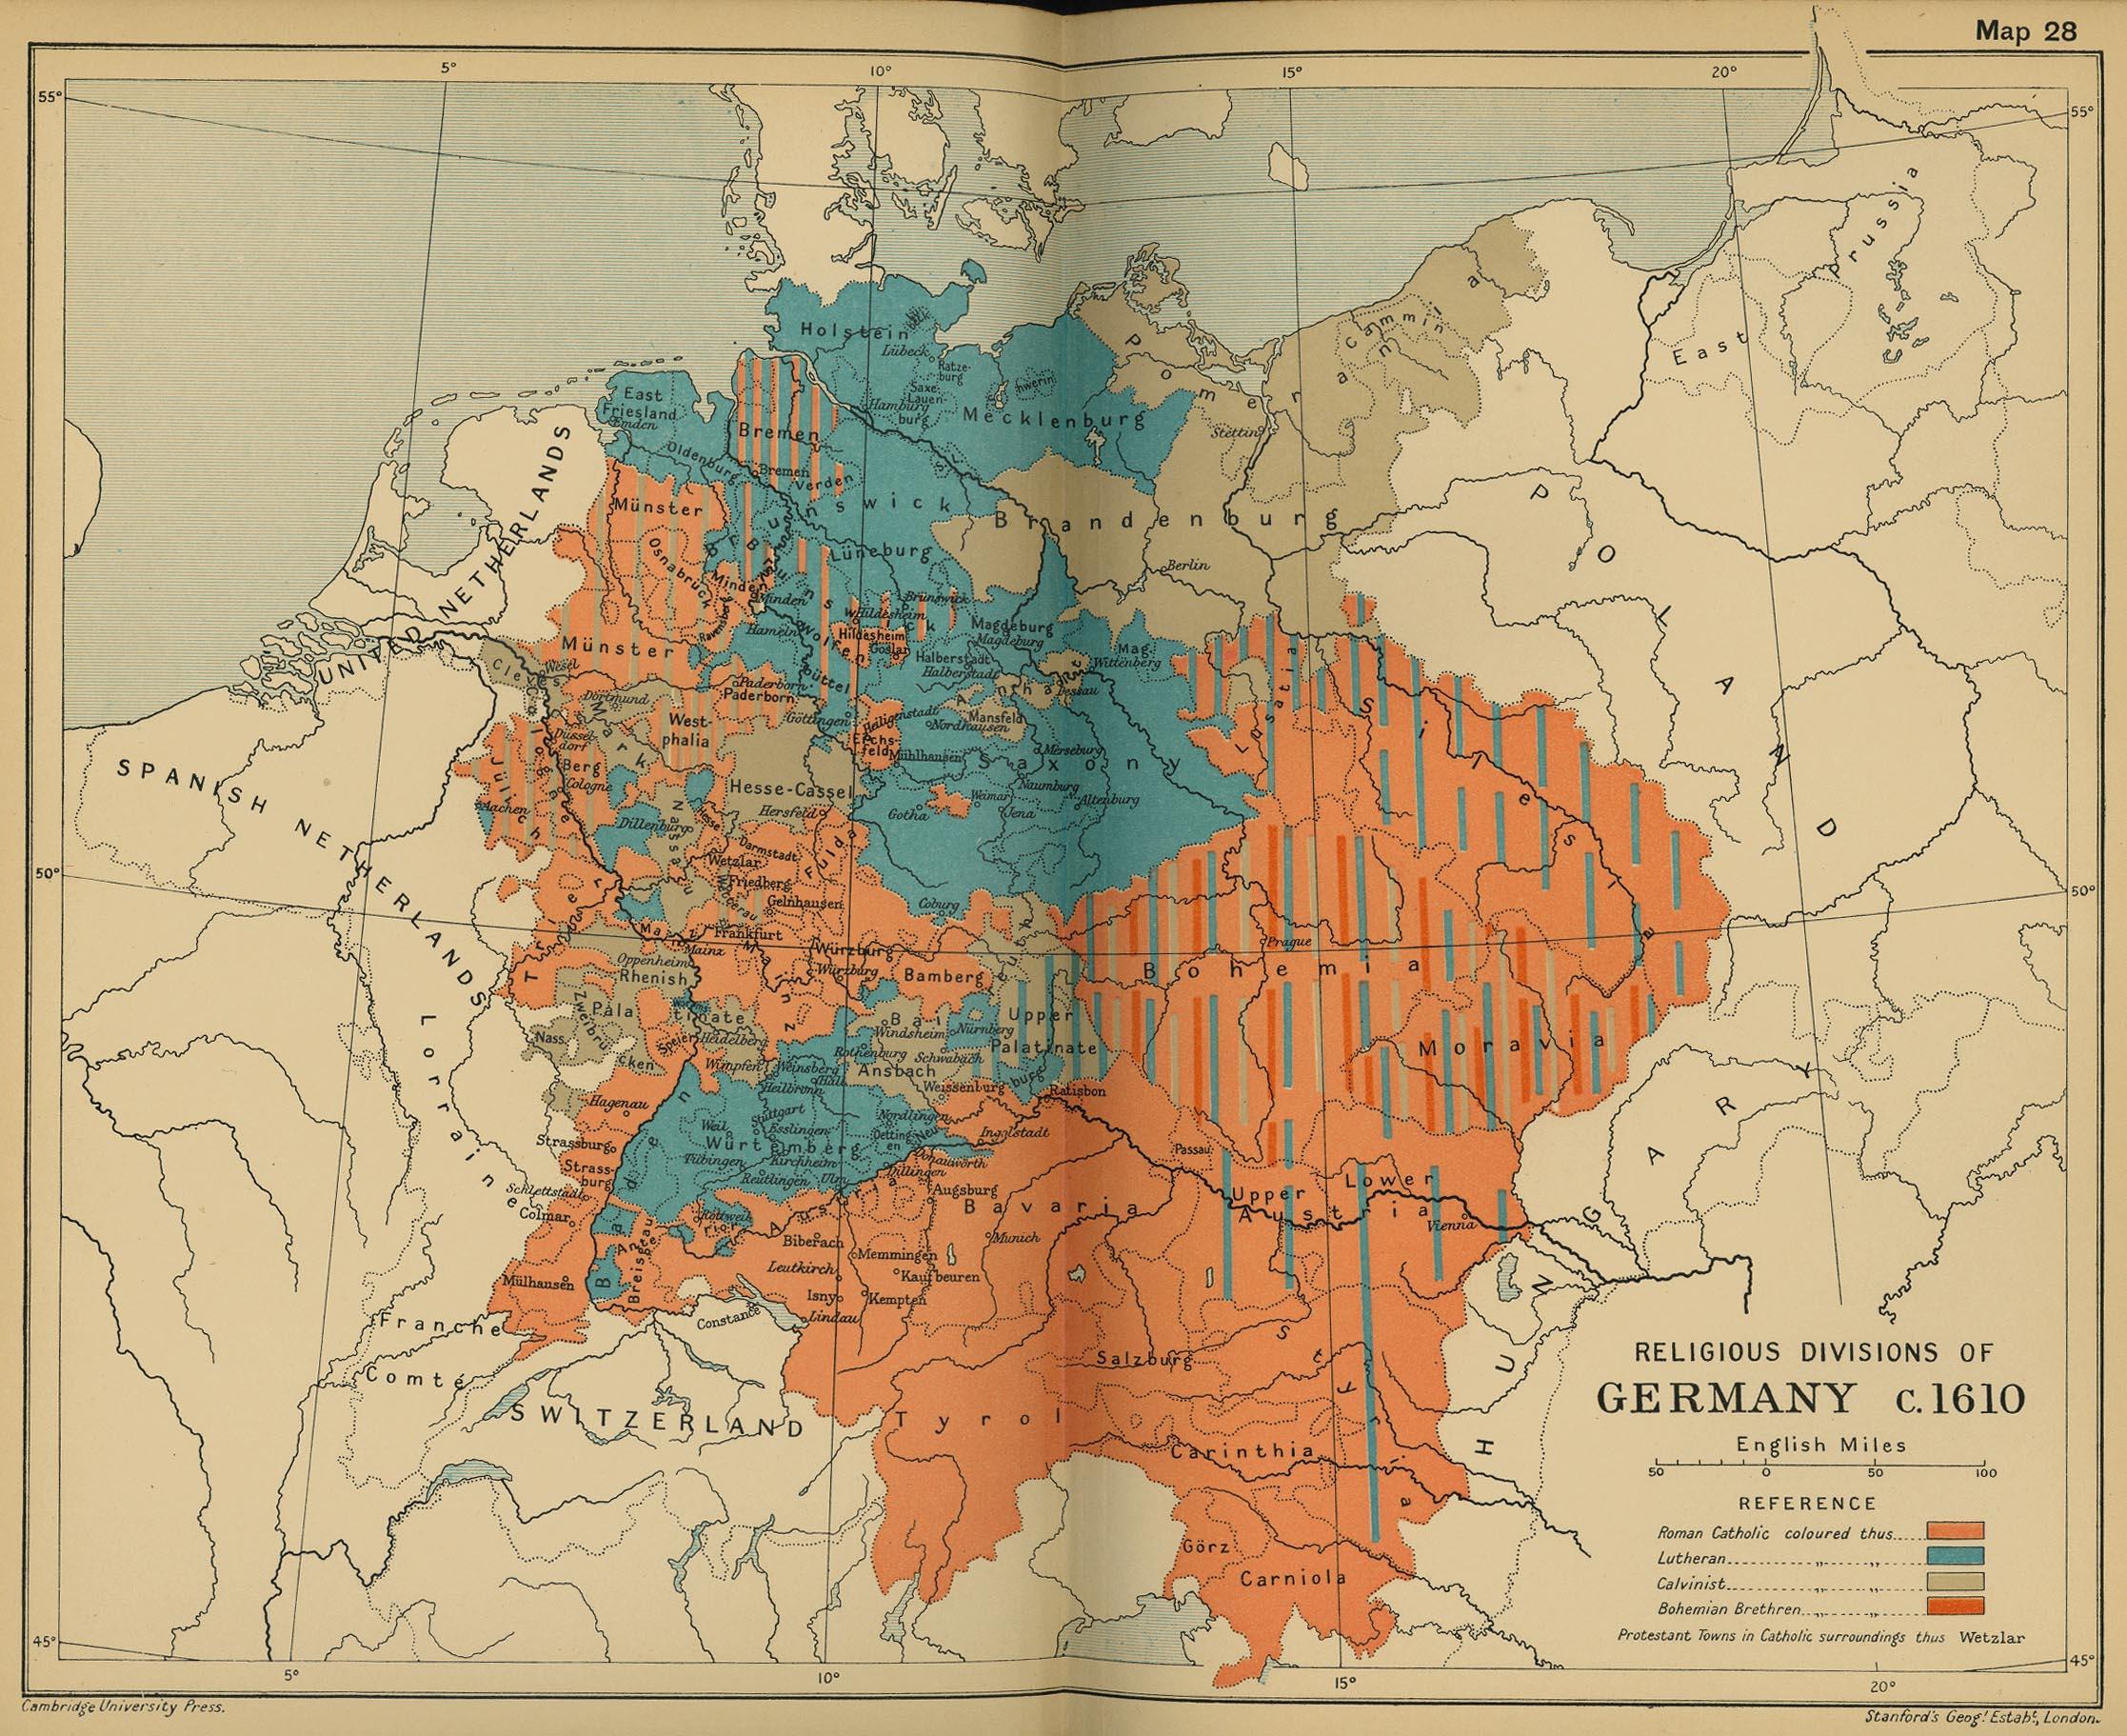 Las divisiones religiosas de Alemania c. 1610